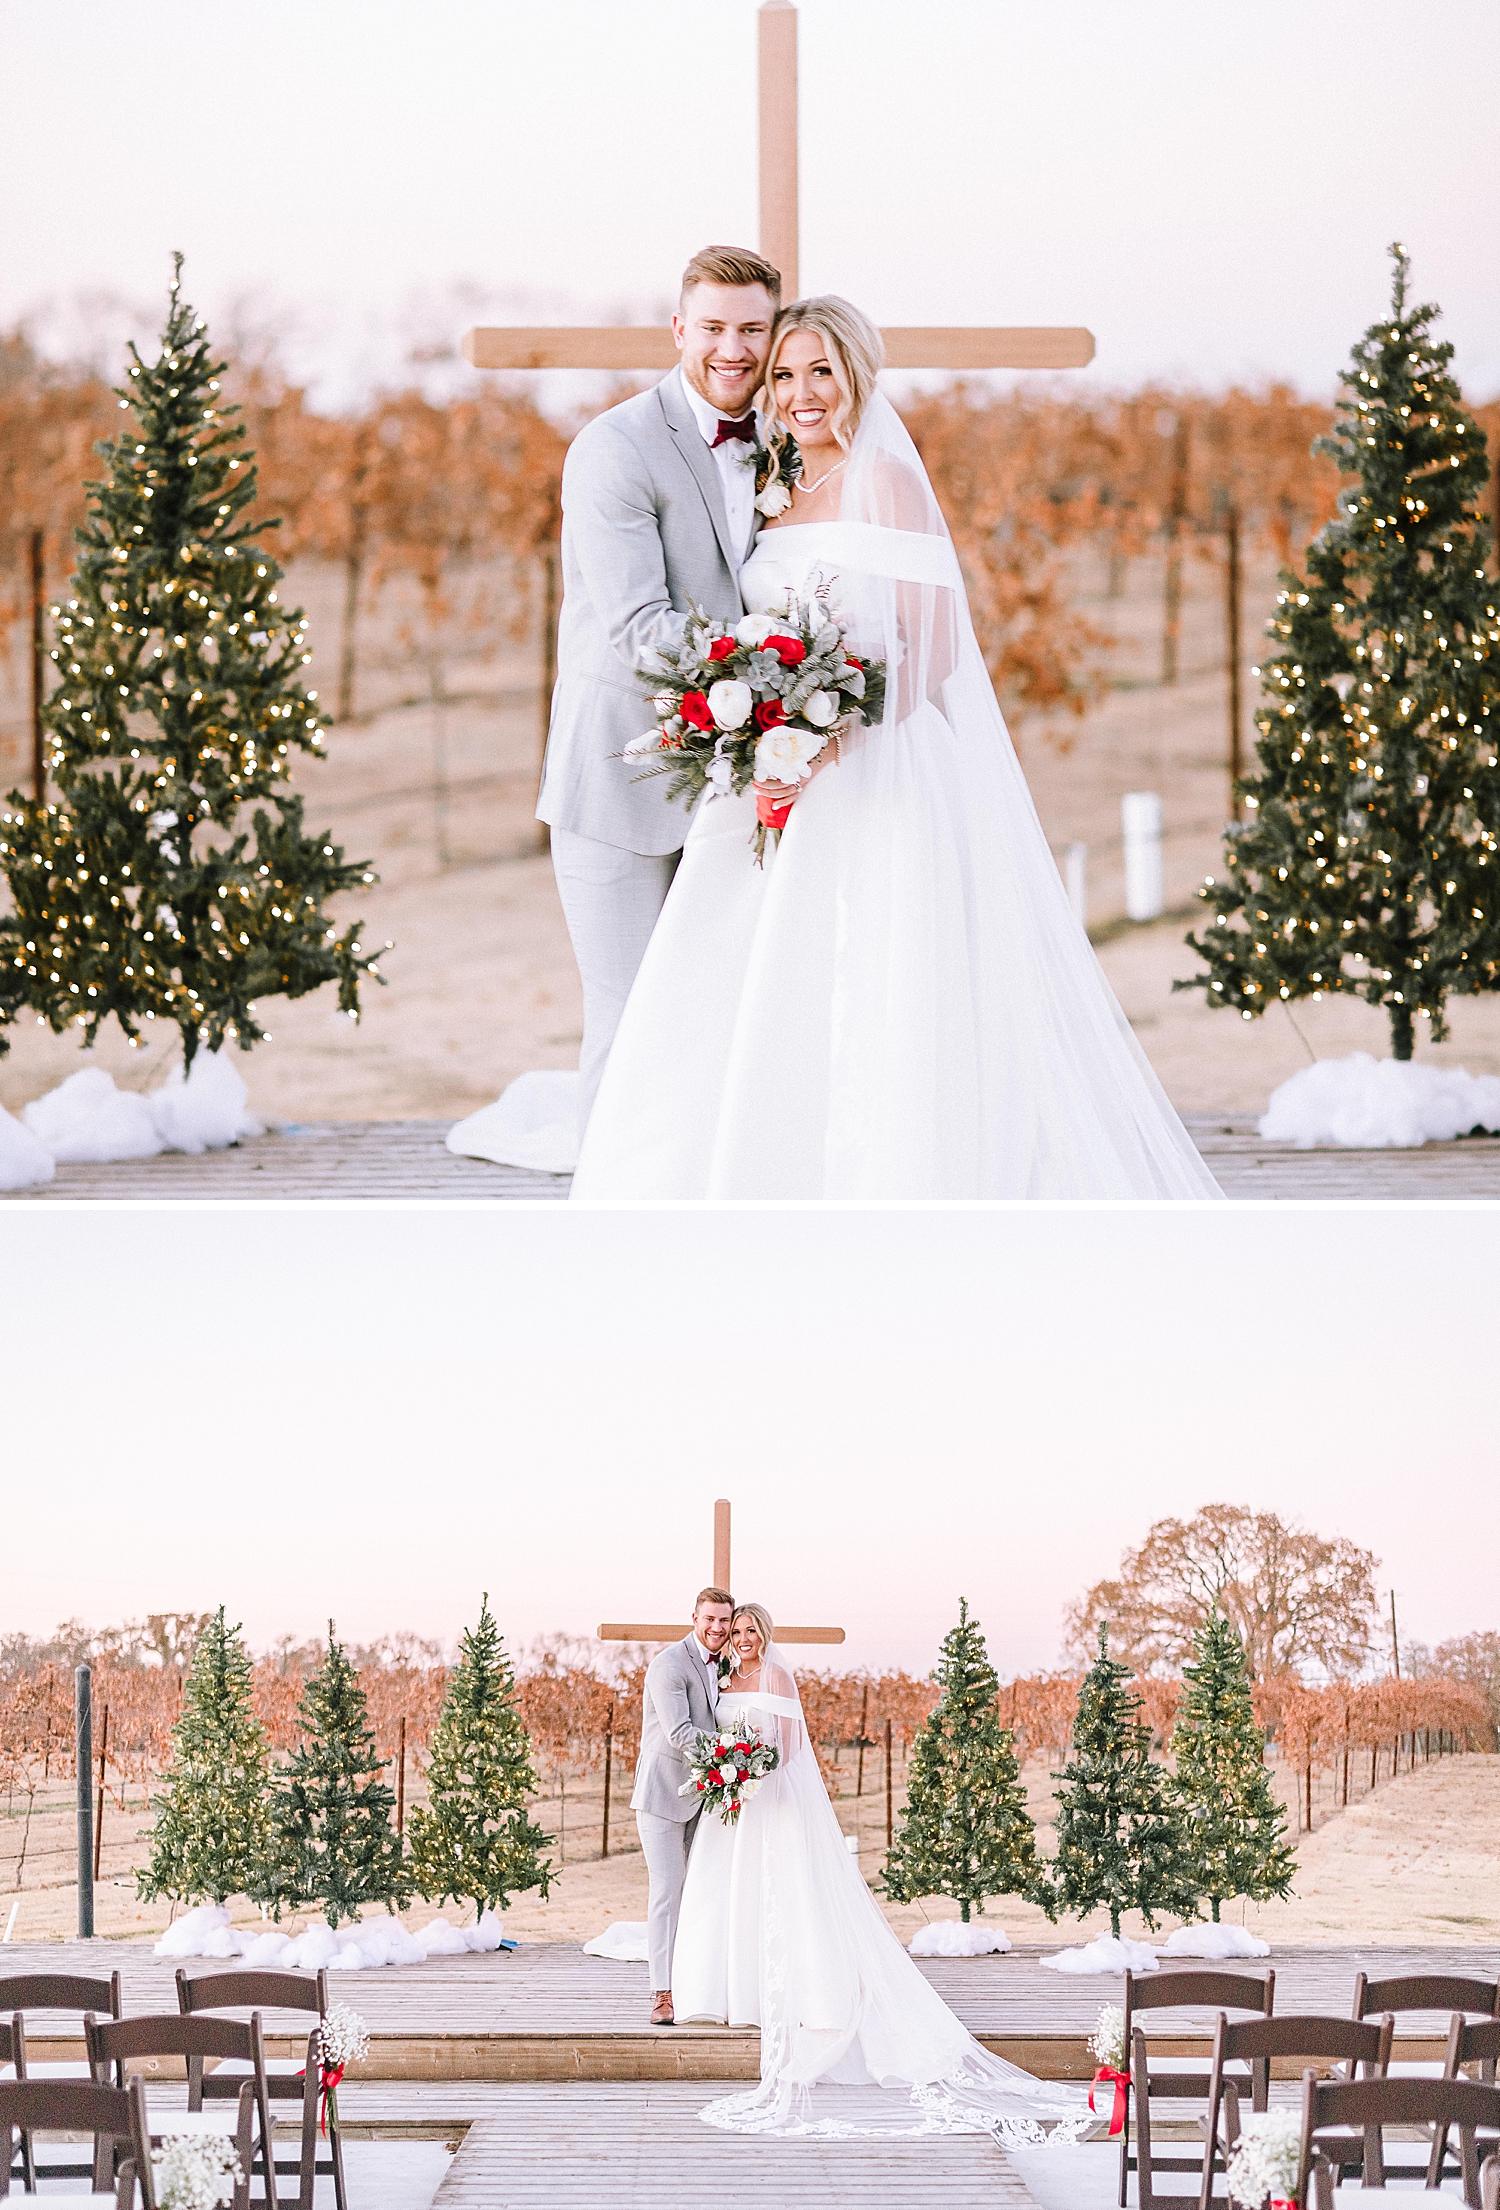 College-Station-Aggie-Wedding-The-Weinberg-at-Wixon-Valley-Christmas-Hallmark-Wedding_0072.jpg